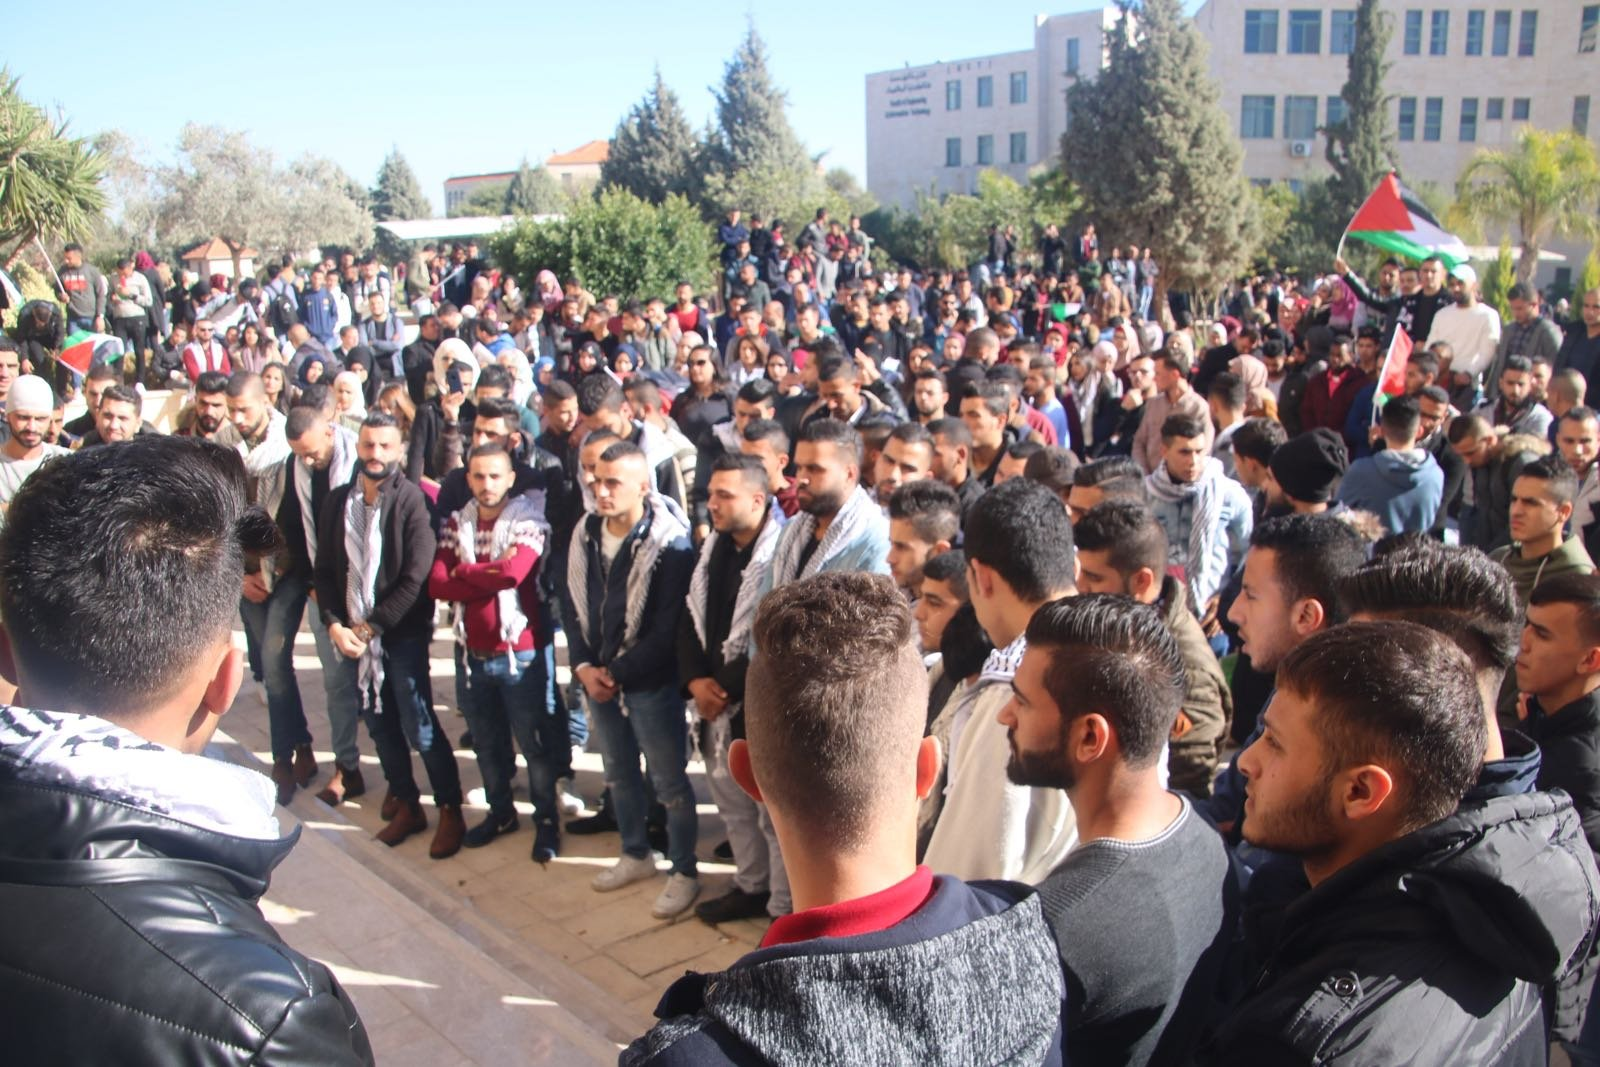 جنين: طلاب الجامعة الامريكية يتظاهرون ضد قرار ترامب